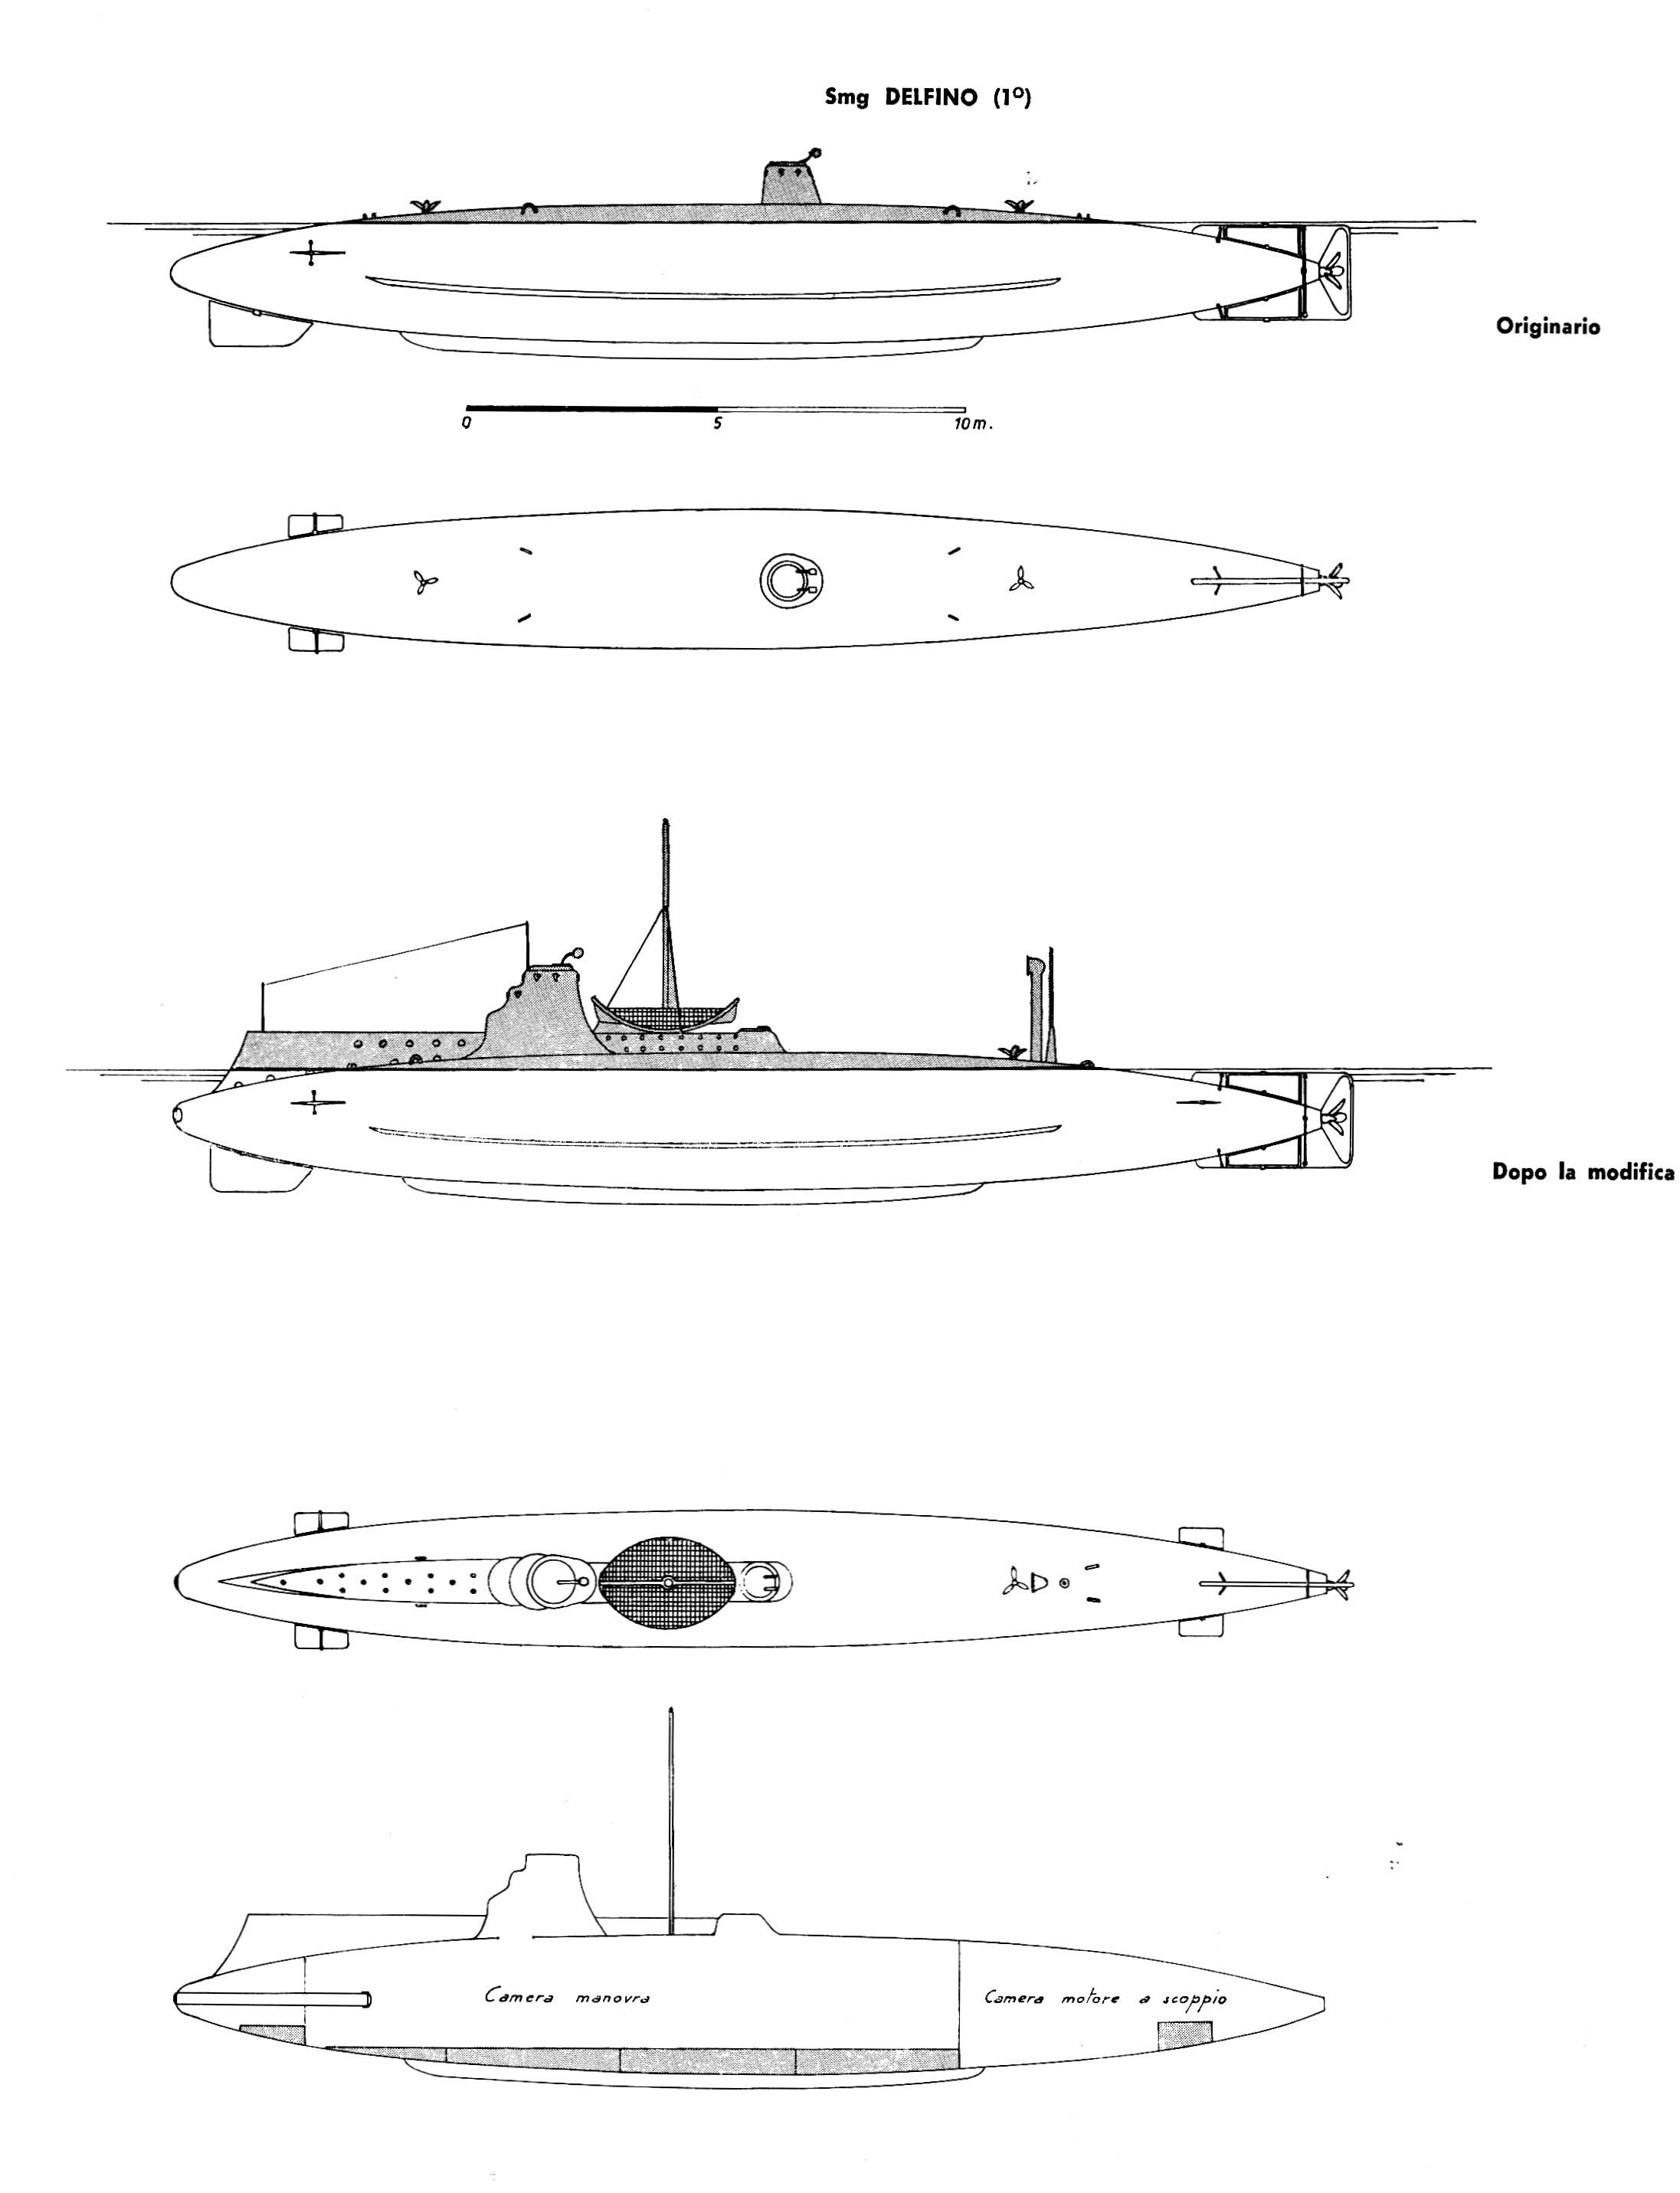 1890-1904-smg-DELFINO-profilo-I.sommergibili.Italiani-1963